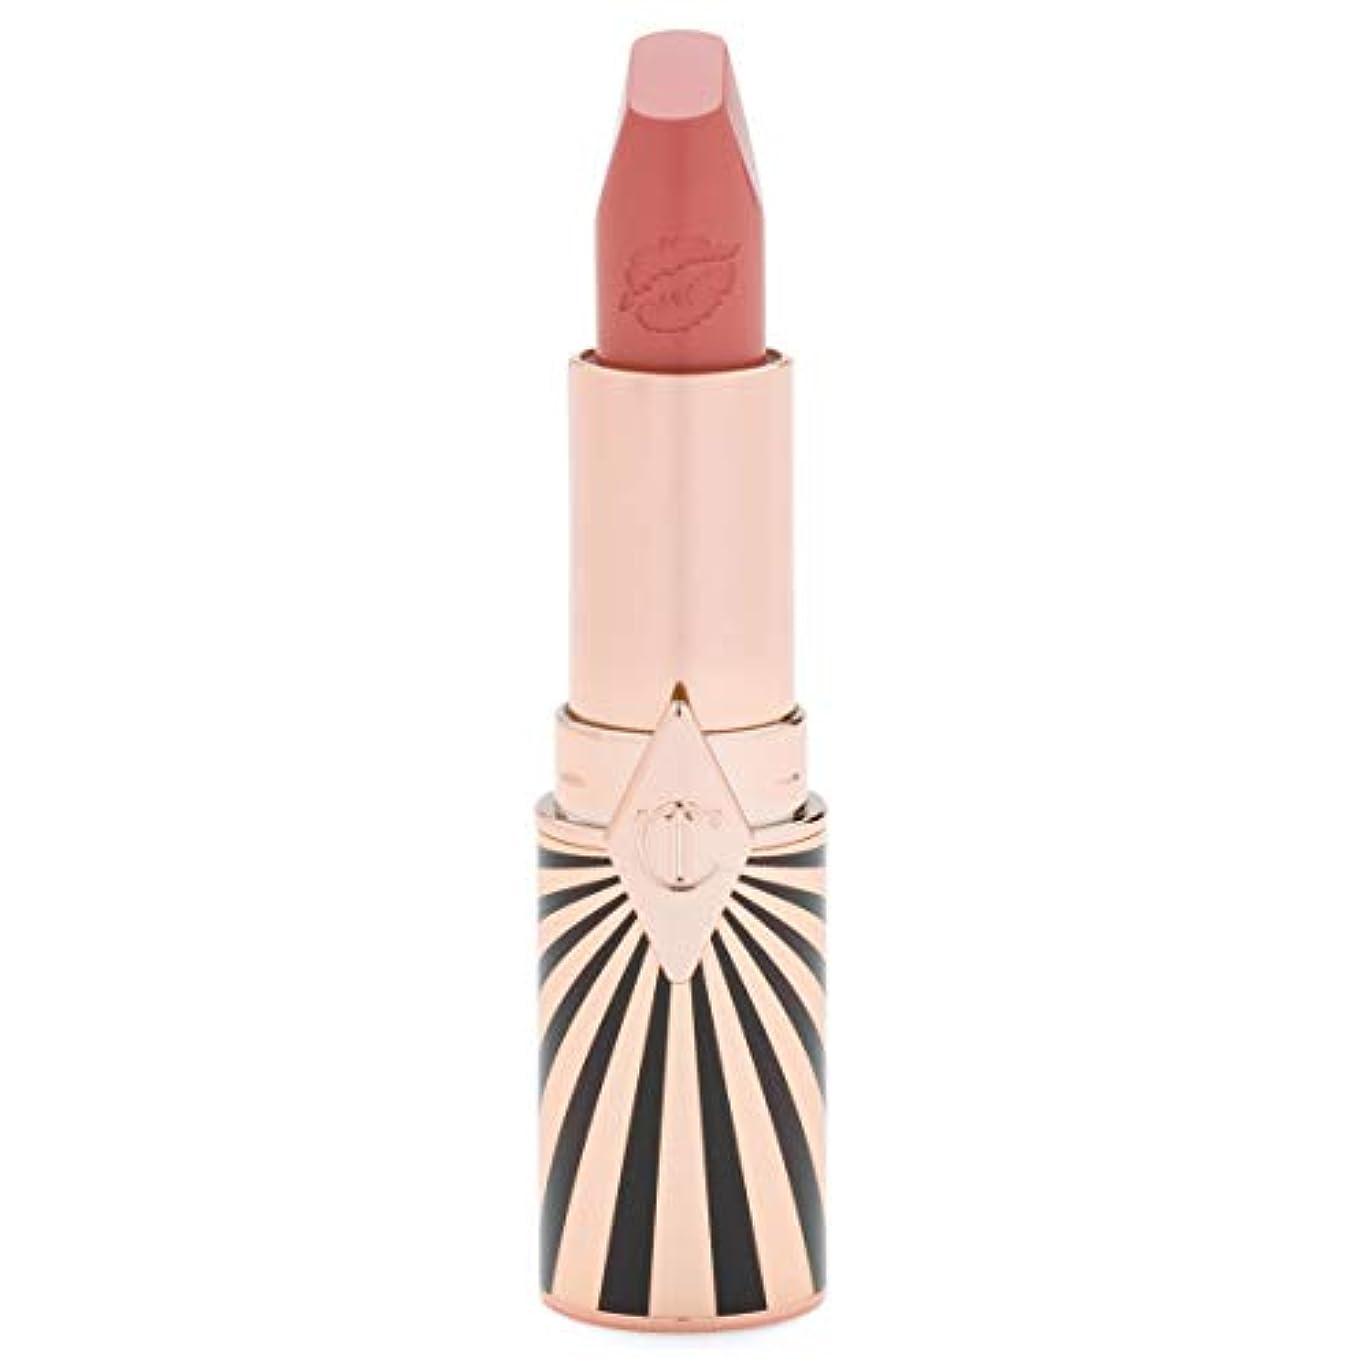 排泄物トロピカル名前でCharlotte Tilbury Hot Lips 2 In love with Olivia Limited Edition シャーロット?ティルベリー